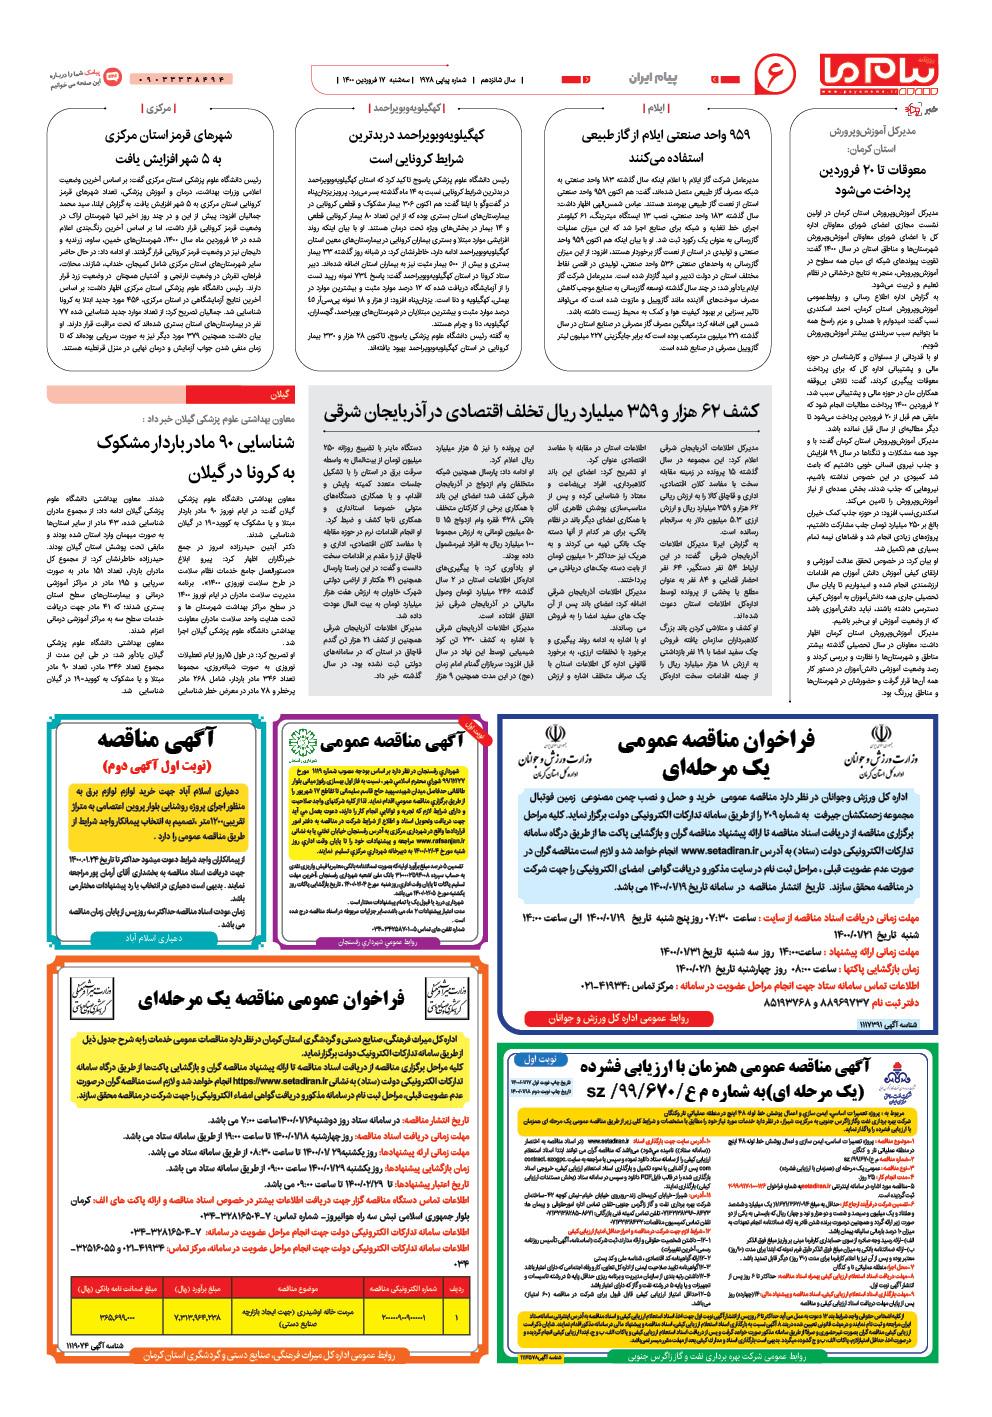 صفحه پیام ایران شماره ۱۹۷۸ روزنامه پیام ما